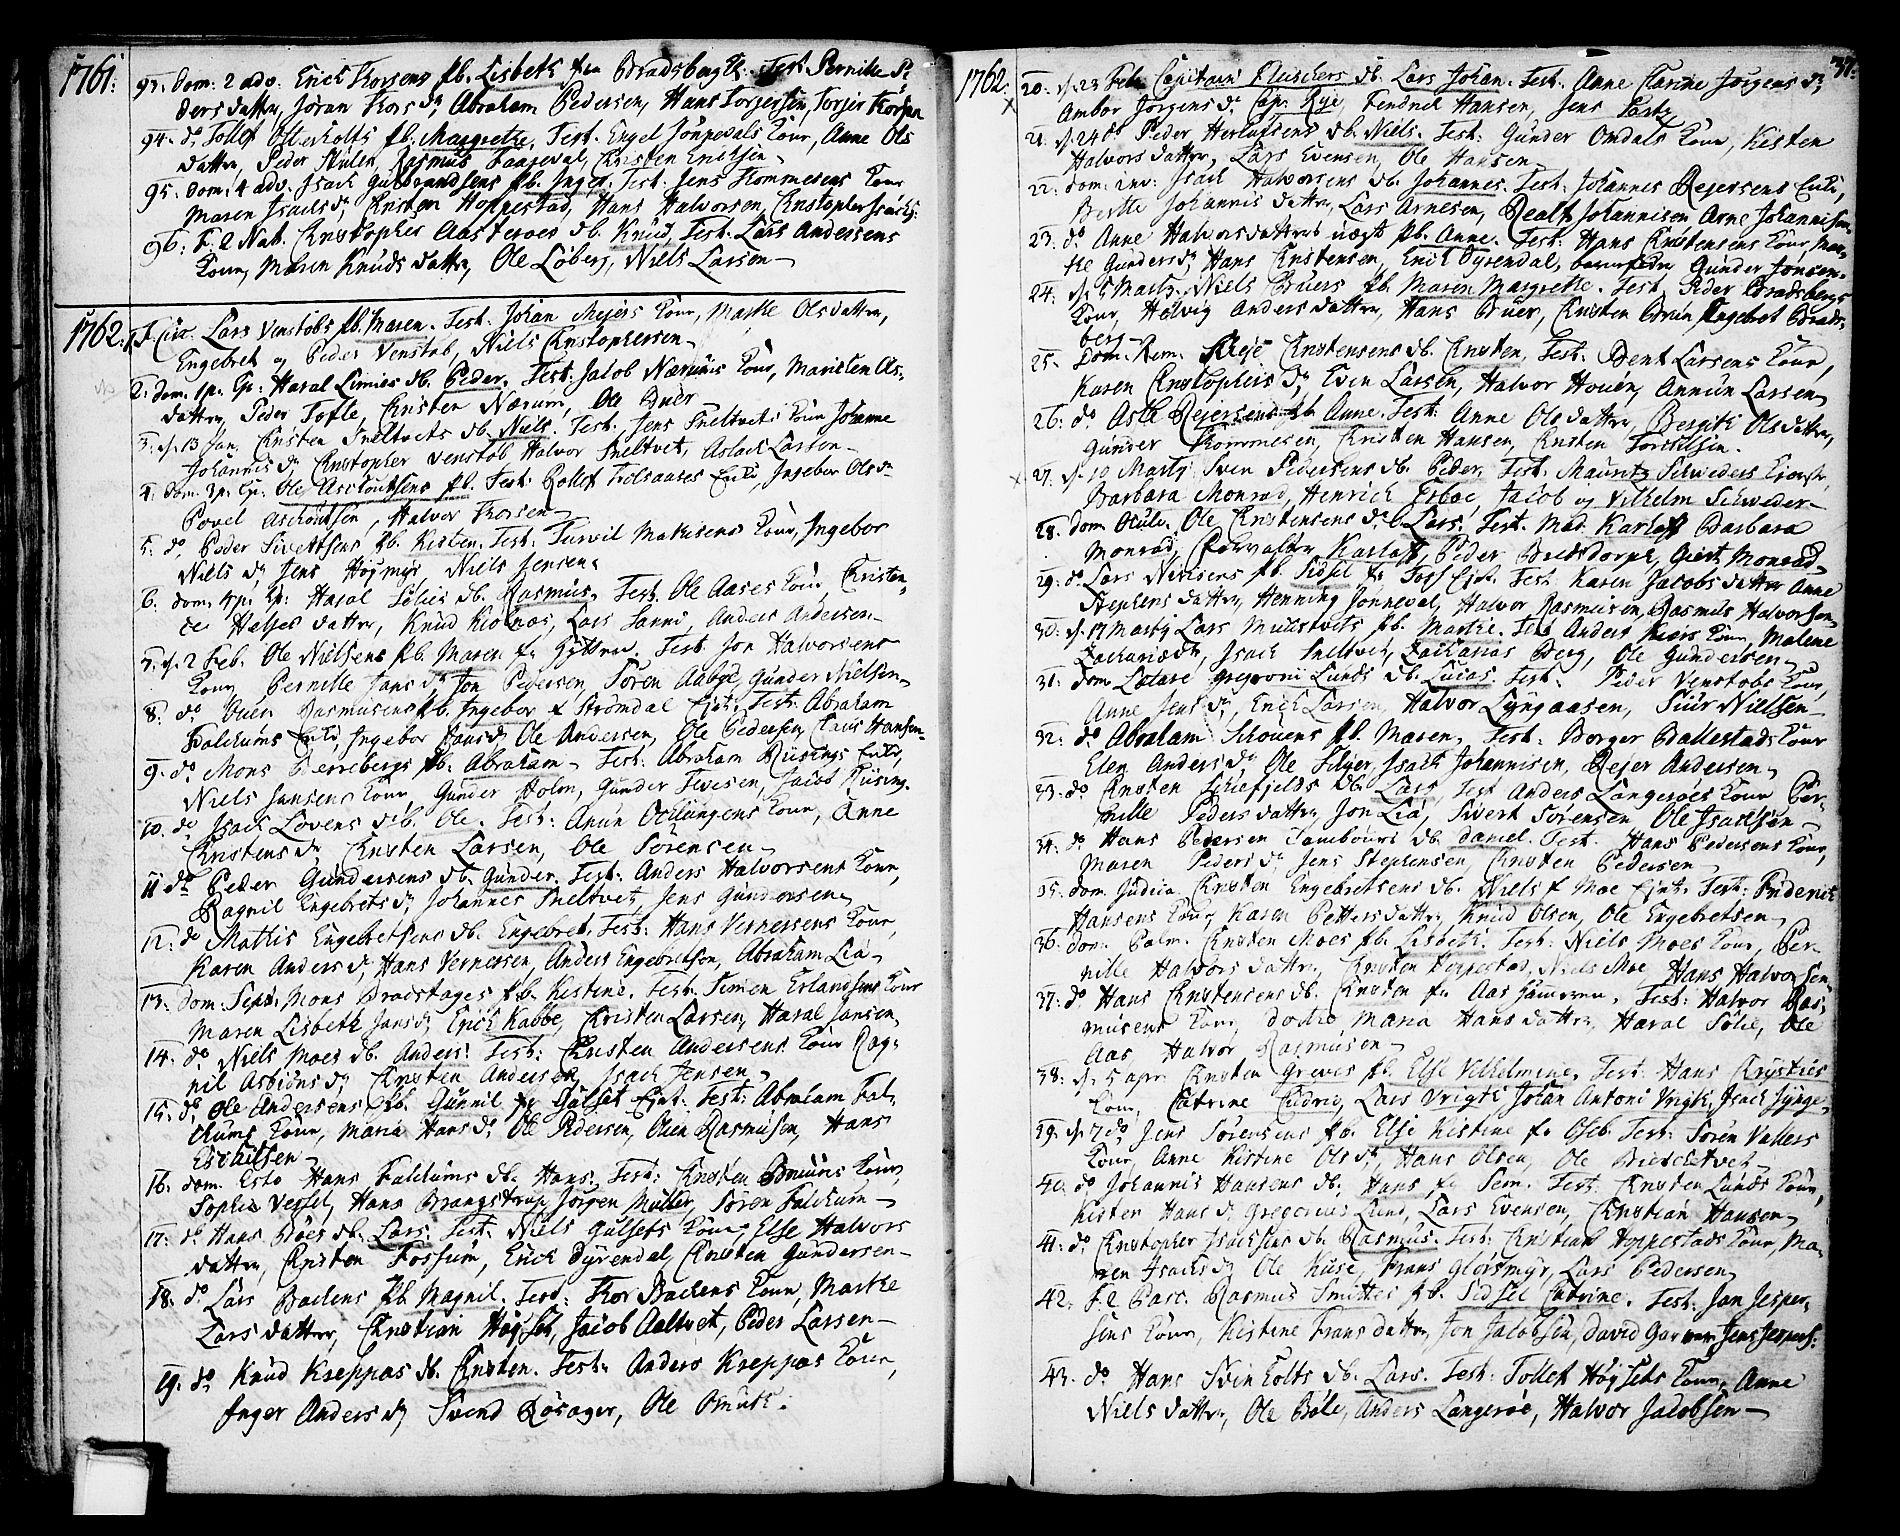 SAKO, Gjerpen kirkebøker, F/Fa/L0002: Ministerialbok nr. 2, 1747-1795, s. 37